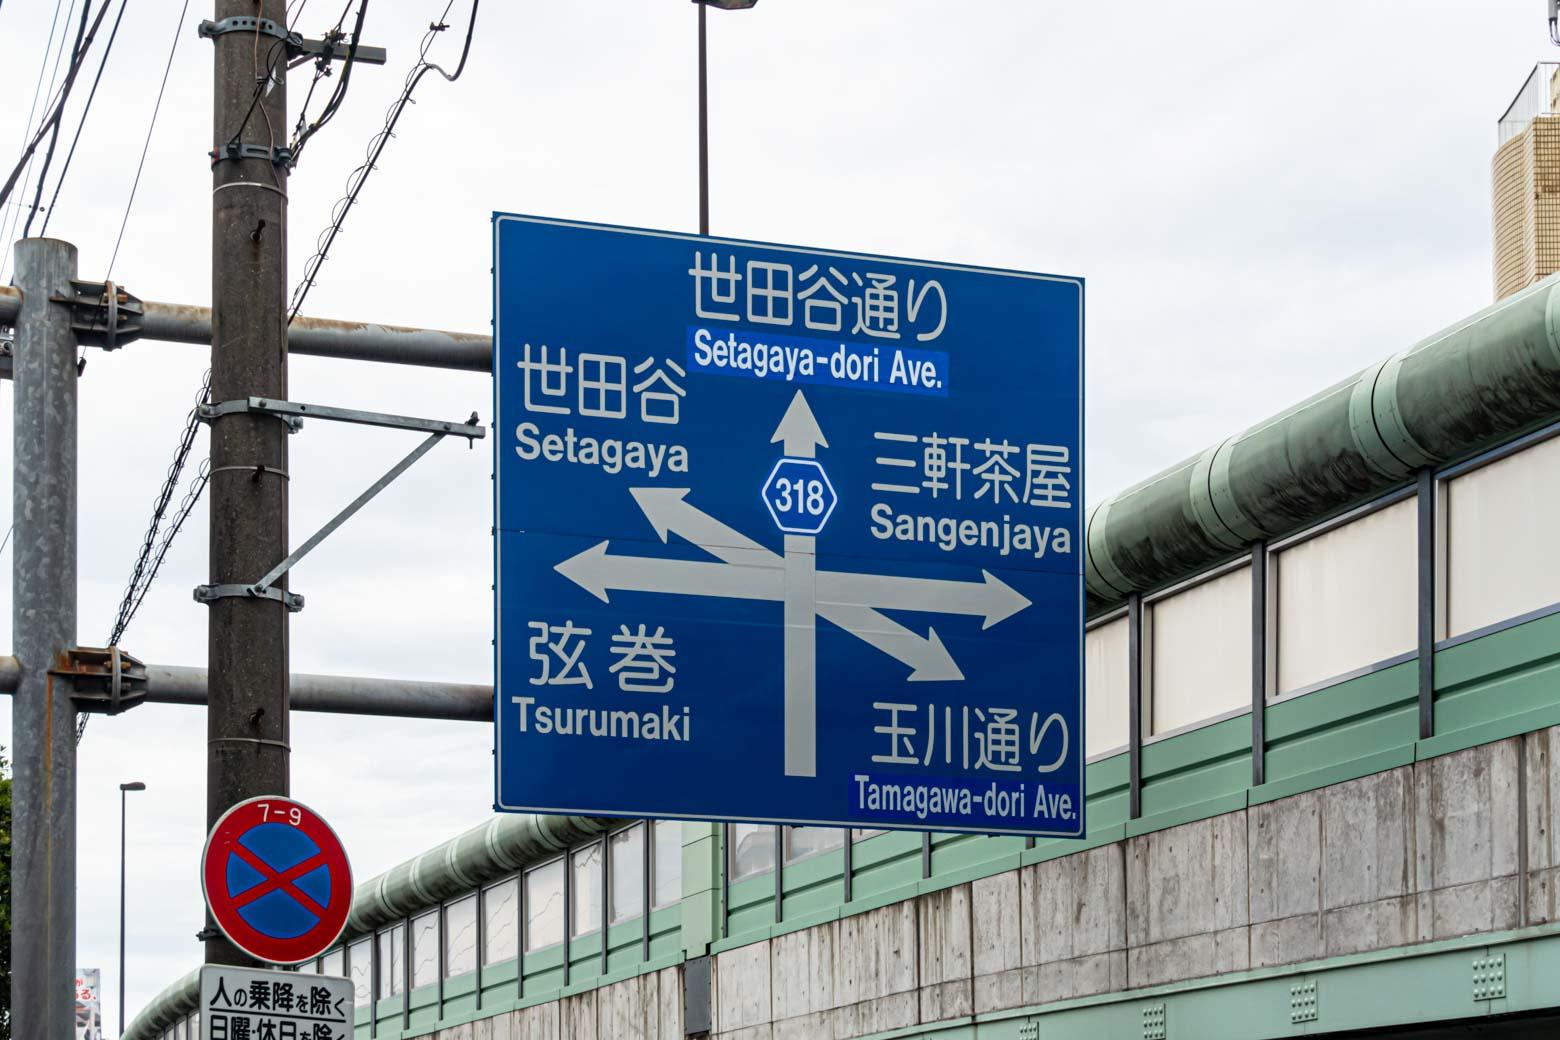 複雑な道路標識。(そうか。このあたりは交通要所なんだ)という当たり前のことに気付かされます。世田谷線ってのんびりしているから、なおさら忘れちゃうんですよねえ。